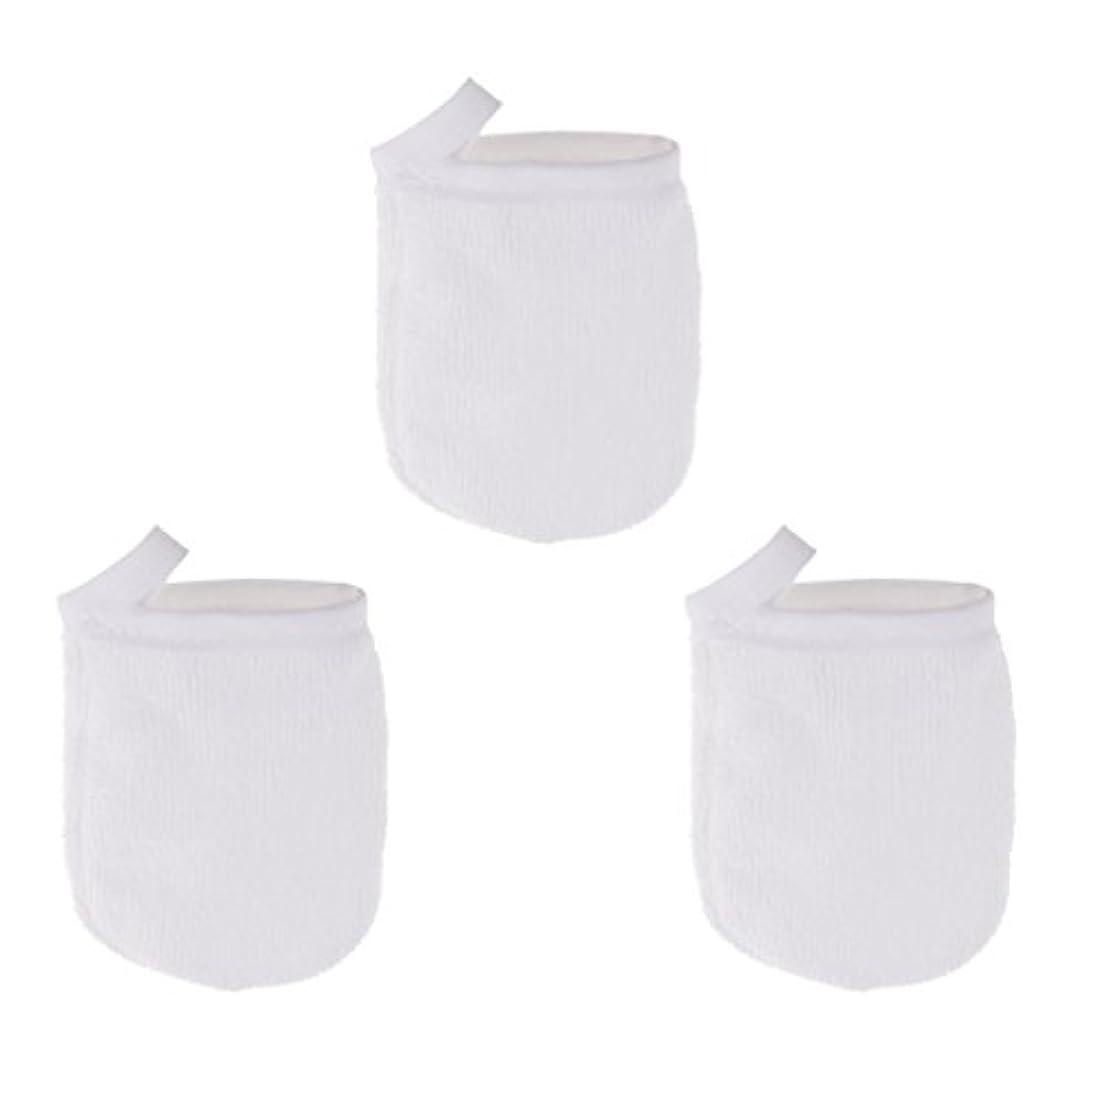 溶岩ポンプショートカットCUTICATE ソフト フェイスクレンジンググローブ メイクリムーバー クロスパッド 3個 洗顔グローブ 手袋